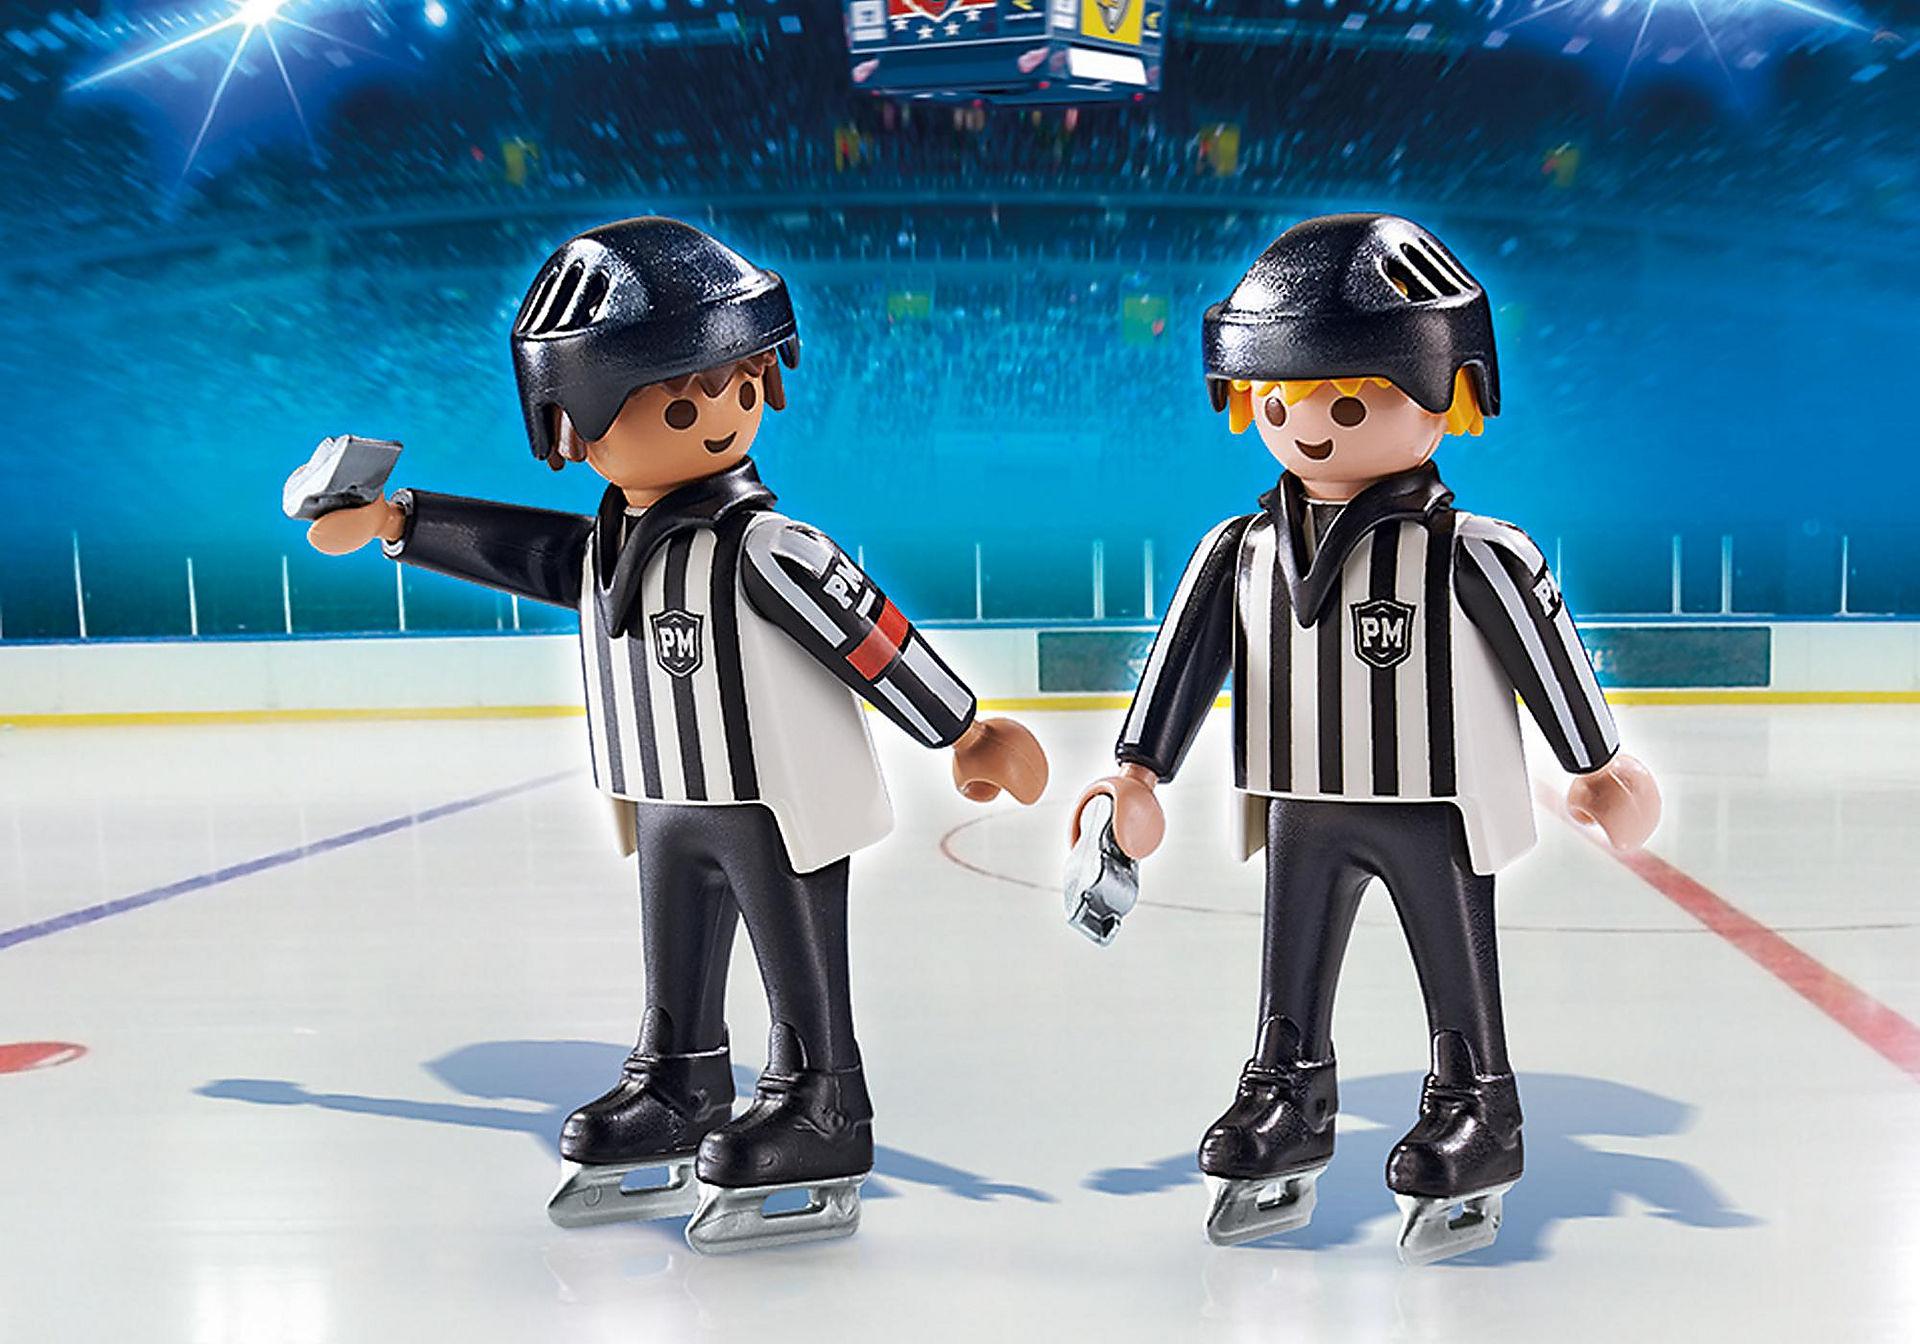 6191 Eishockey-Schiedsrichter zoom image1